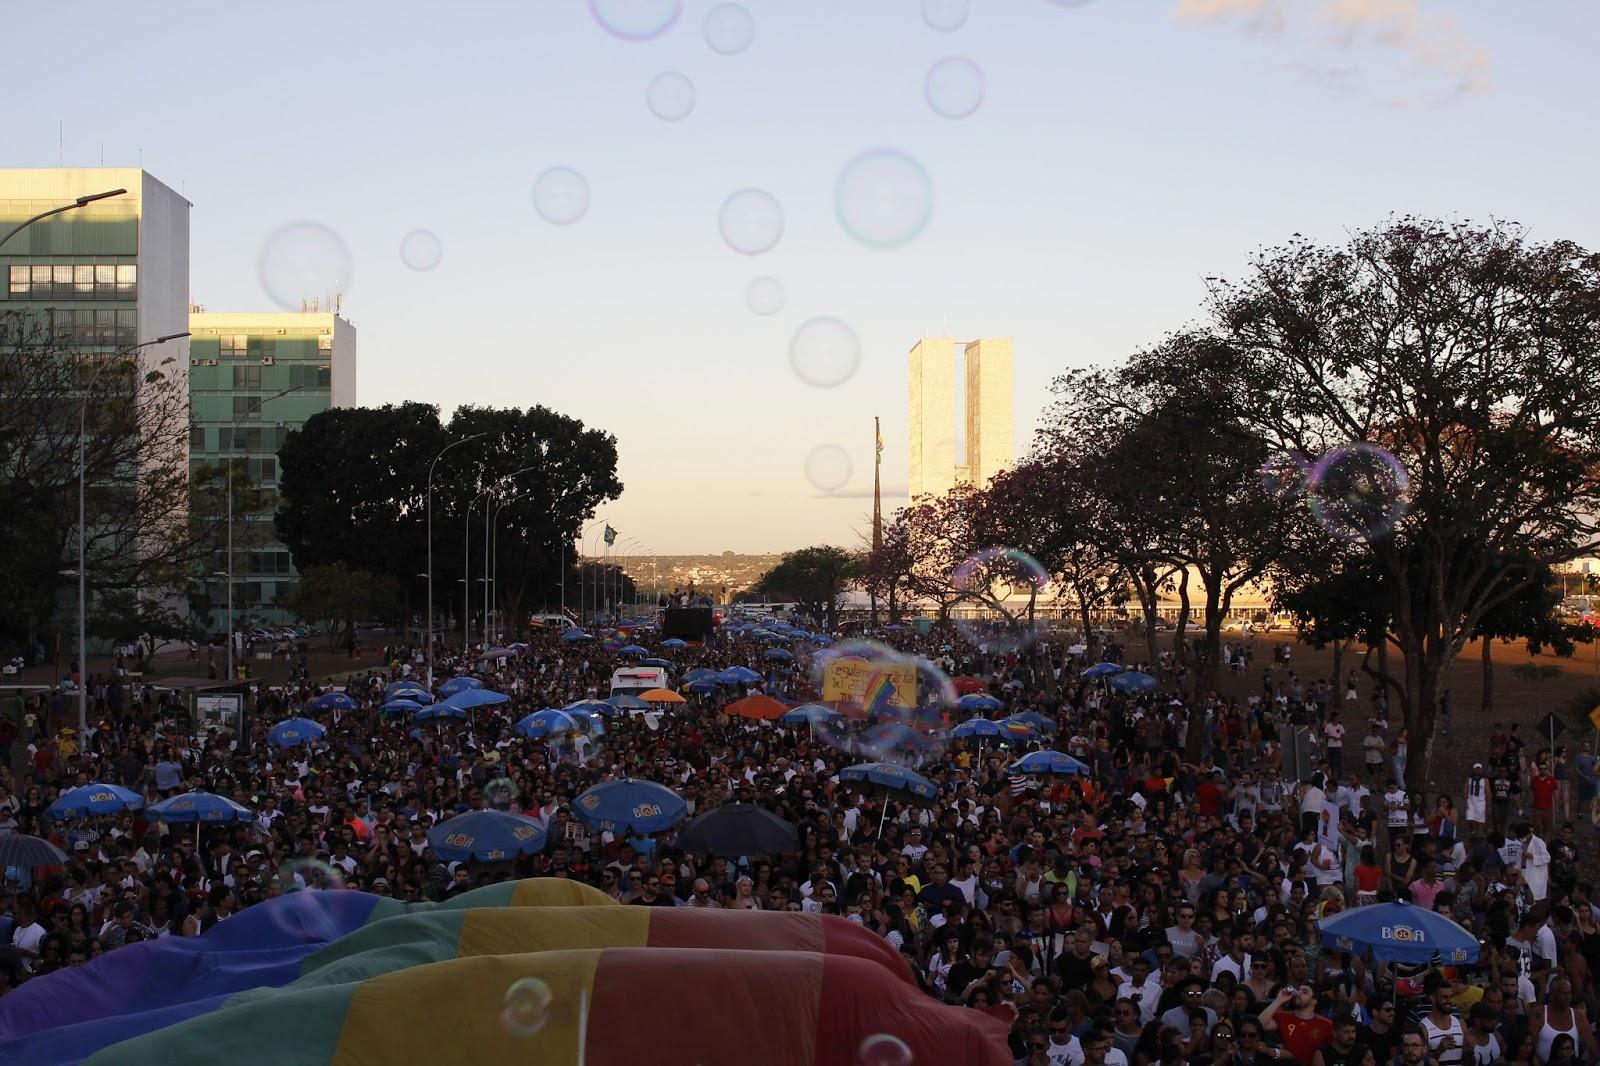 Parada do Orgulho LGBTS de Brasília reúne 50 mil pessoas por mais amor